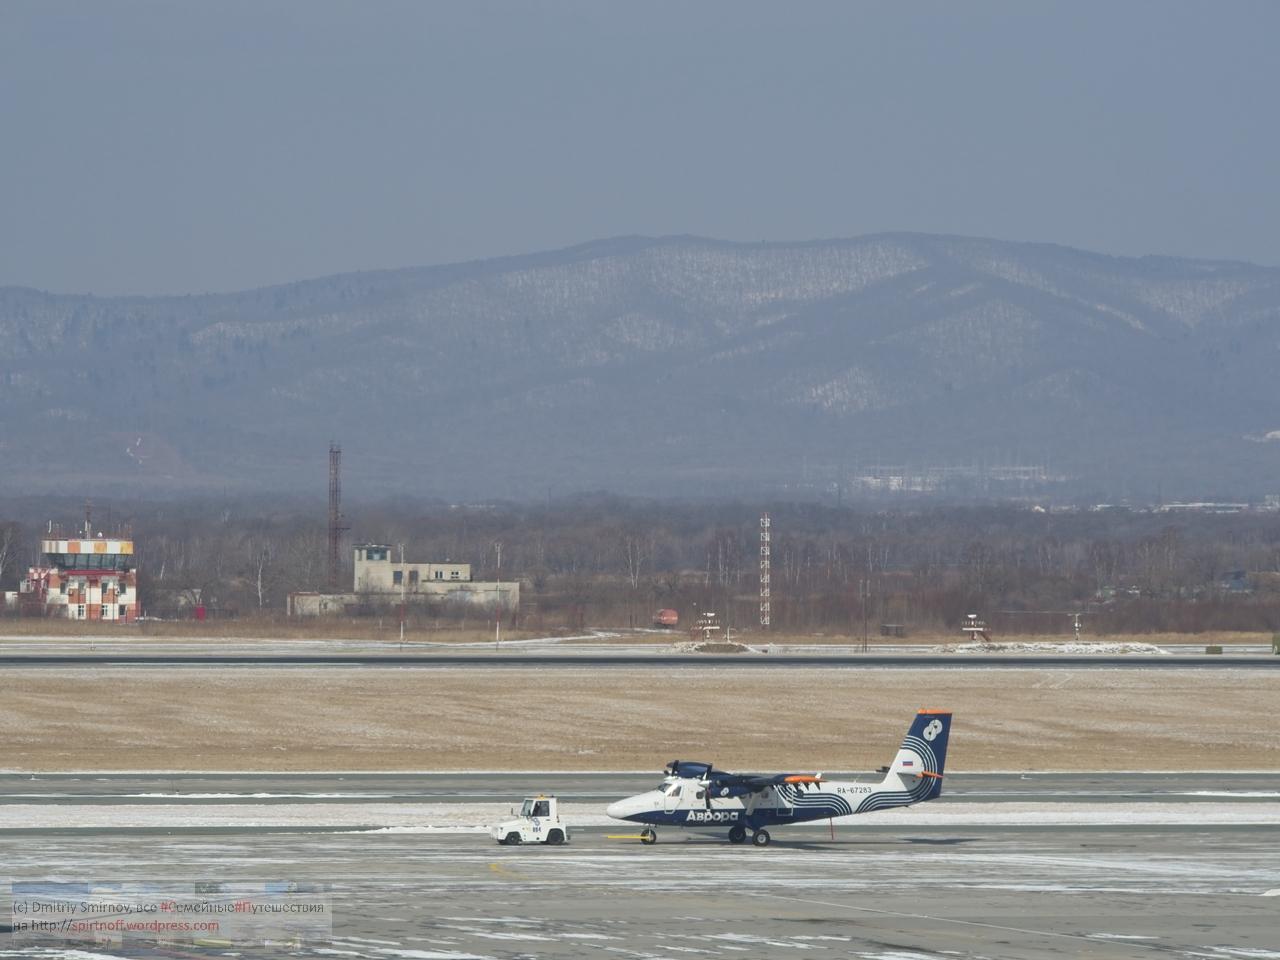 SMI23079-Blog-4 Путешествия  Владивосток. Постскриптум (Аэропорт Артем)